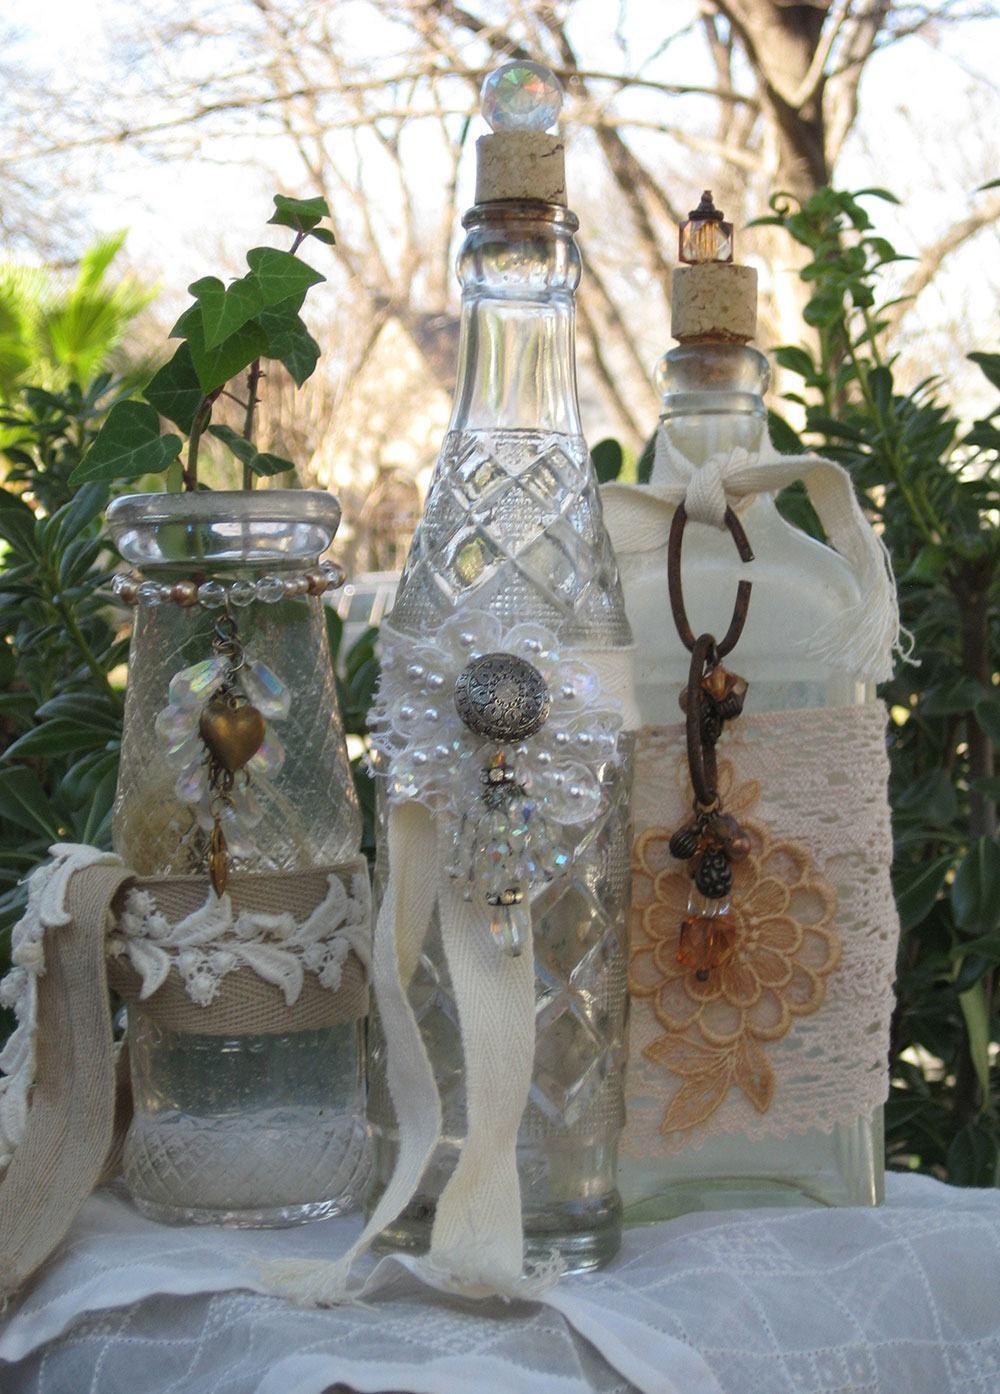 Adicione outros adornos decorativos para ter um objeto diferente